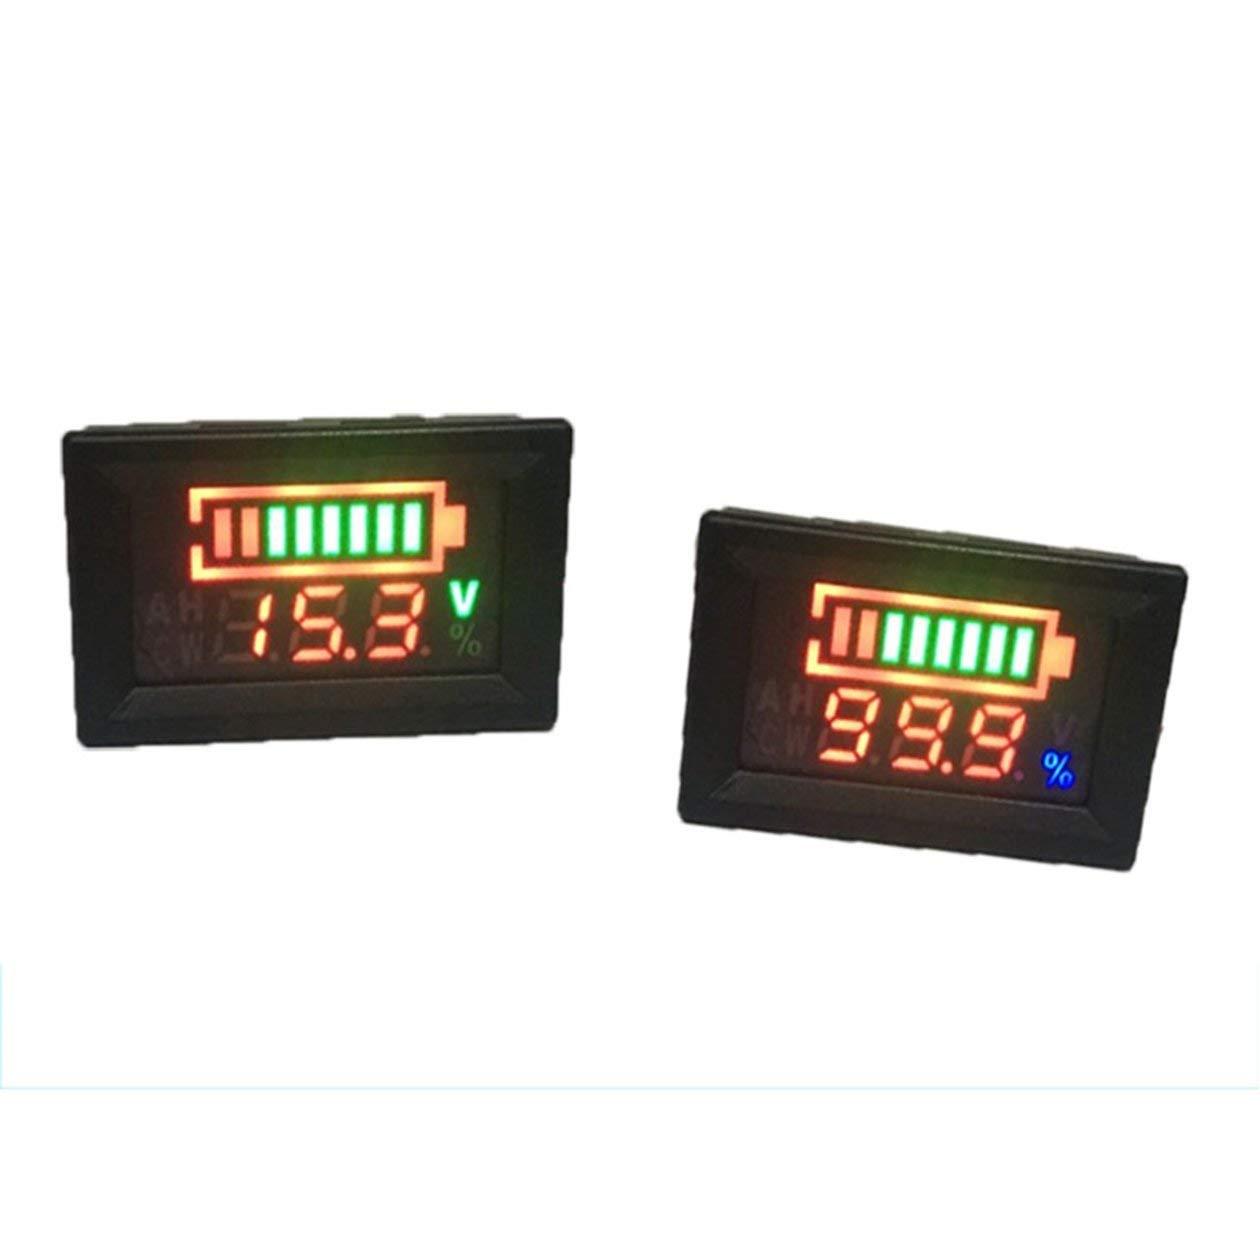 6-100 V Voltmetro a doppio display LFP Batteria Percentuale Tensione digitale Misuratore di potenza Connessione anti-inversione colore: nero